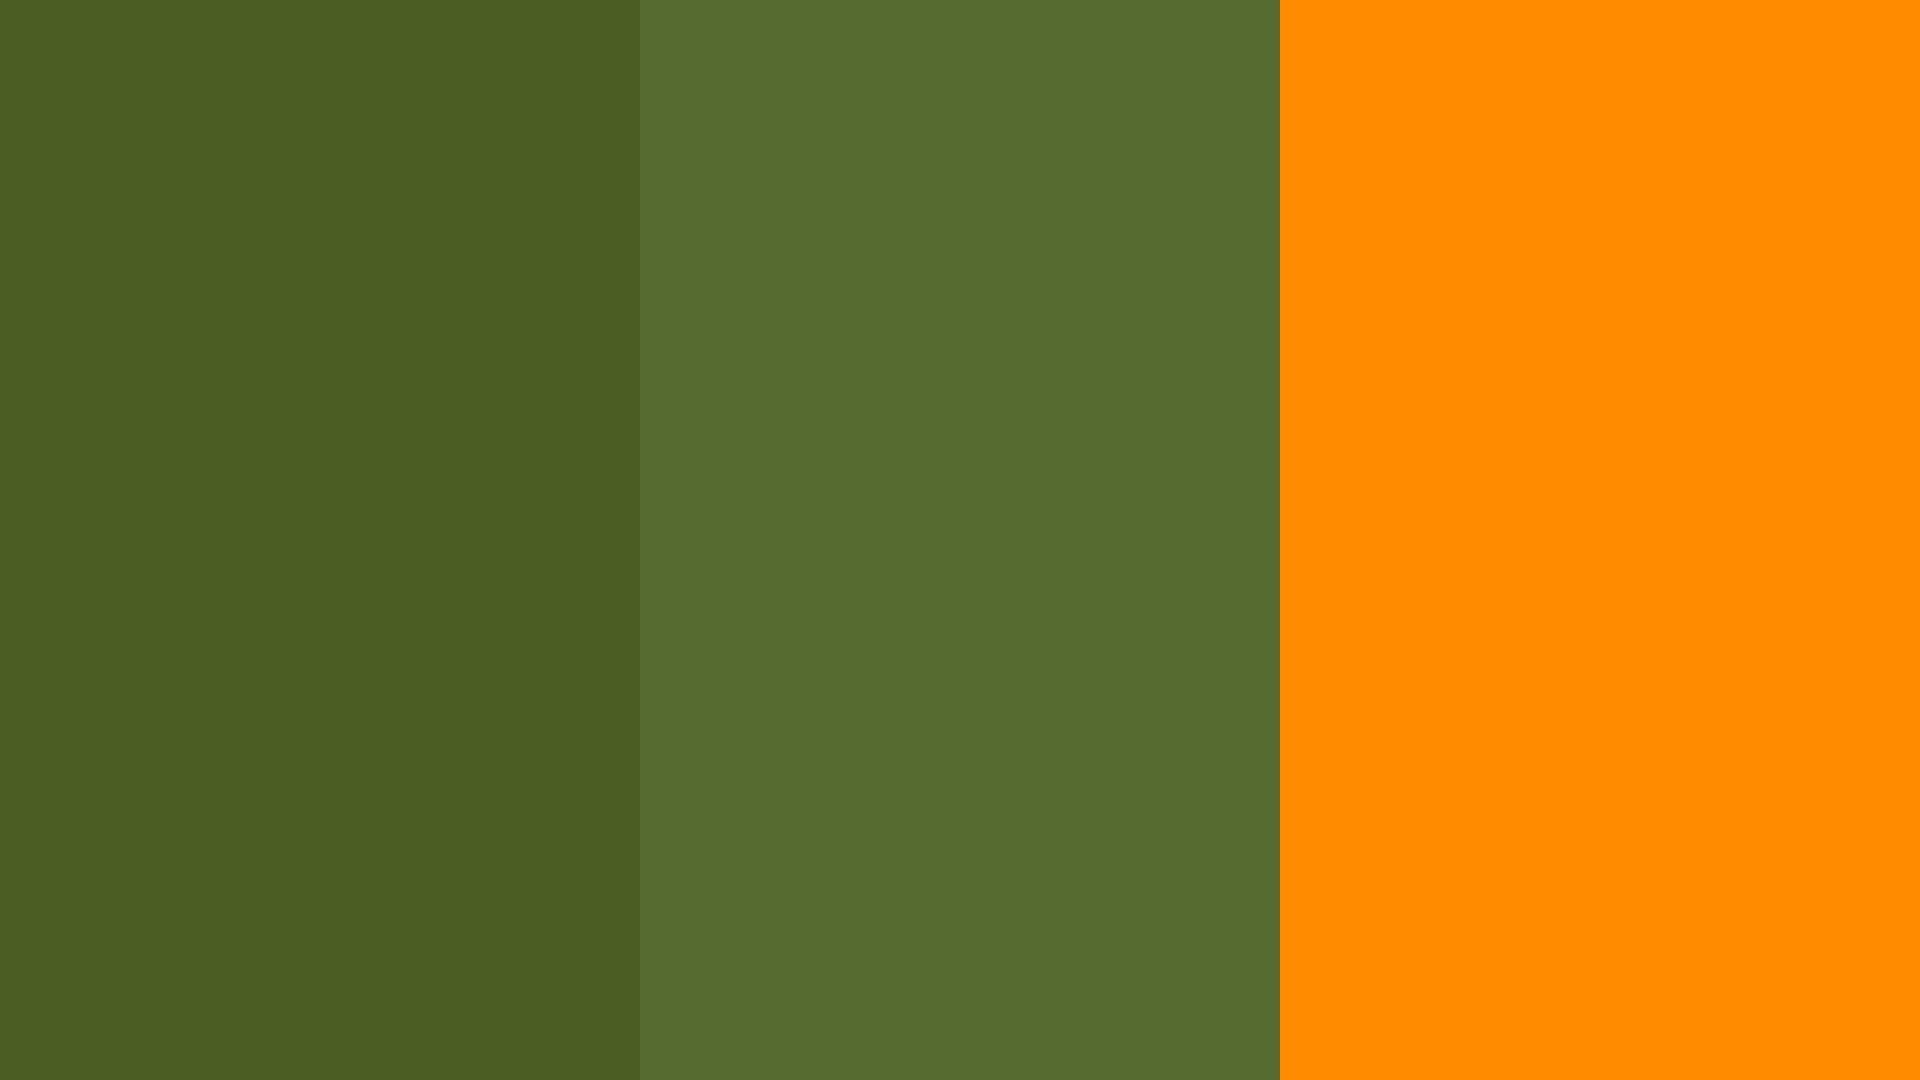 Olive green wallpaper wallpapersafari - Dark orange wallpaper ...